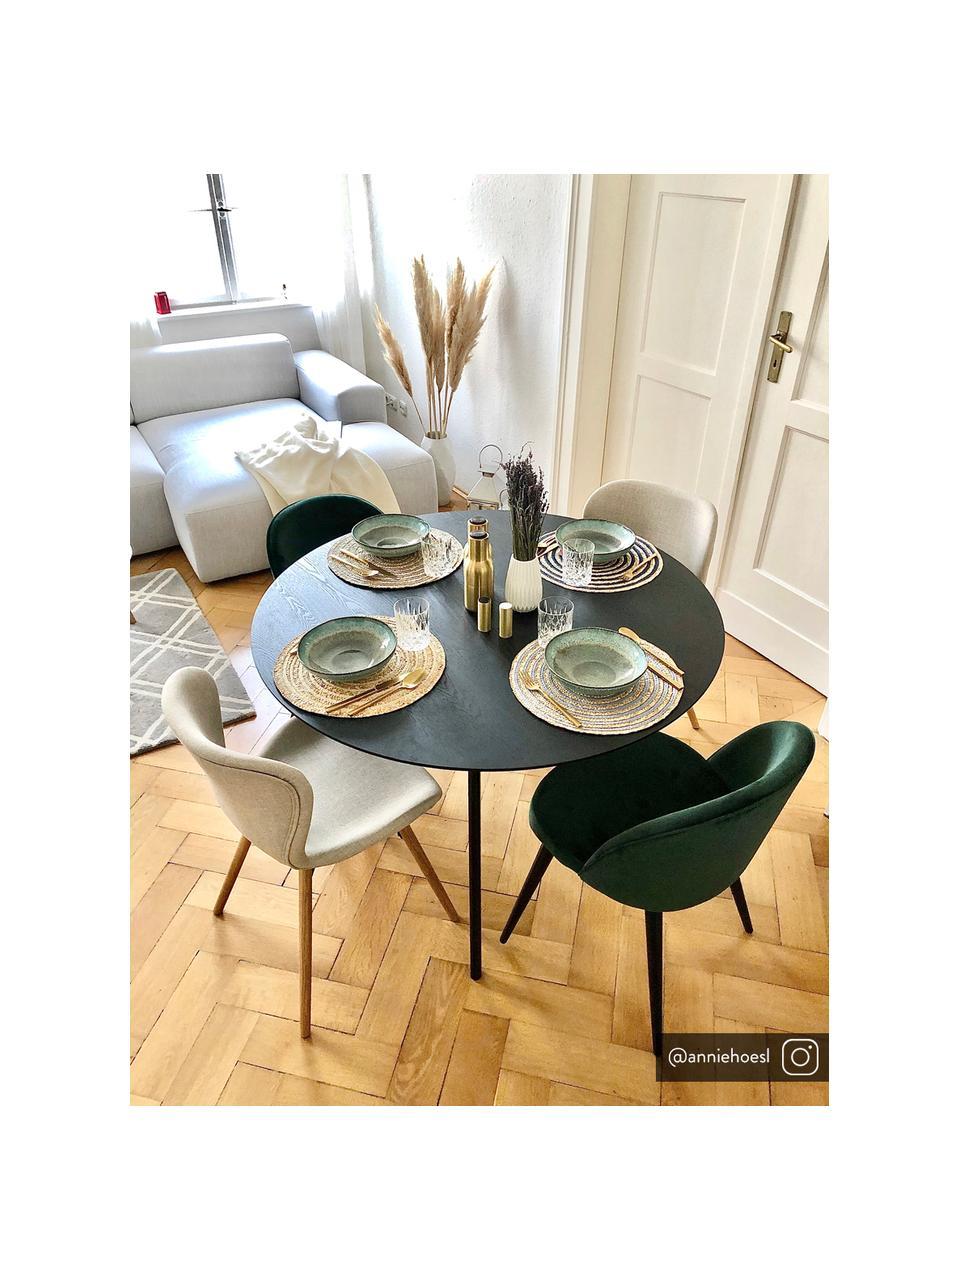 Chaise rembourrée scandinave beige Batilda, 2pièces, Tissu couleur sable, bois de chêne